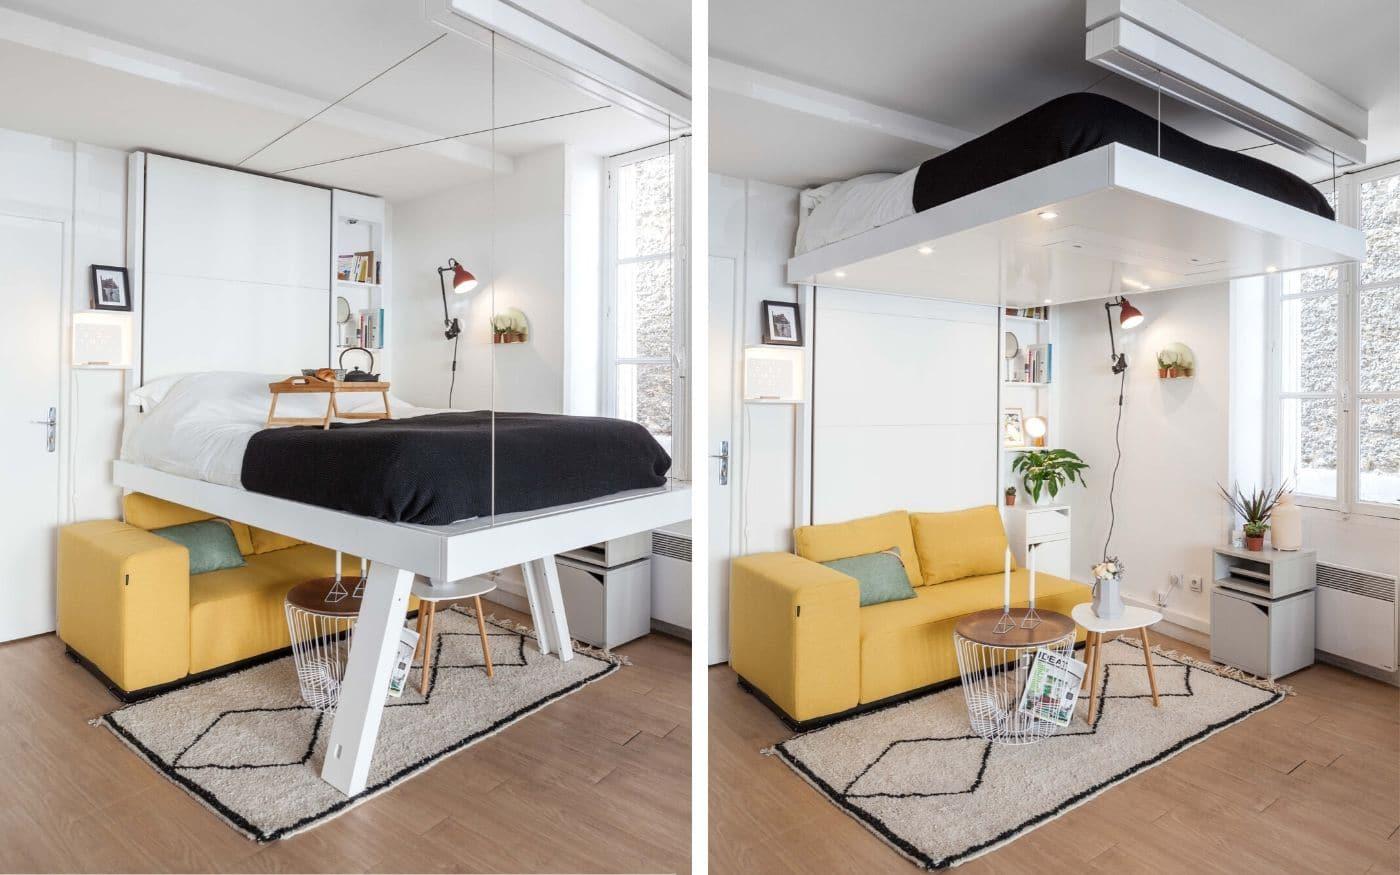 lit escamotable au plafond lit au plafond relooking appart aménagement malin gain de place lit relevable plafond lit escamotable bedup®